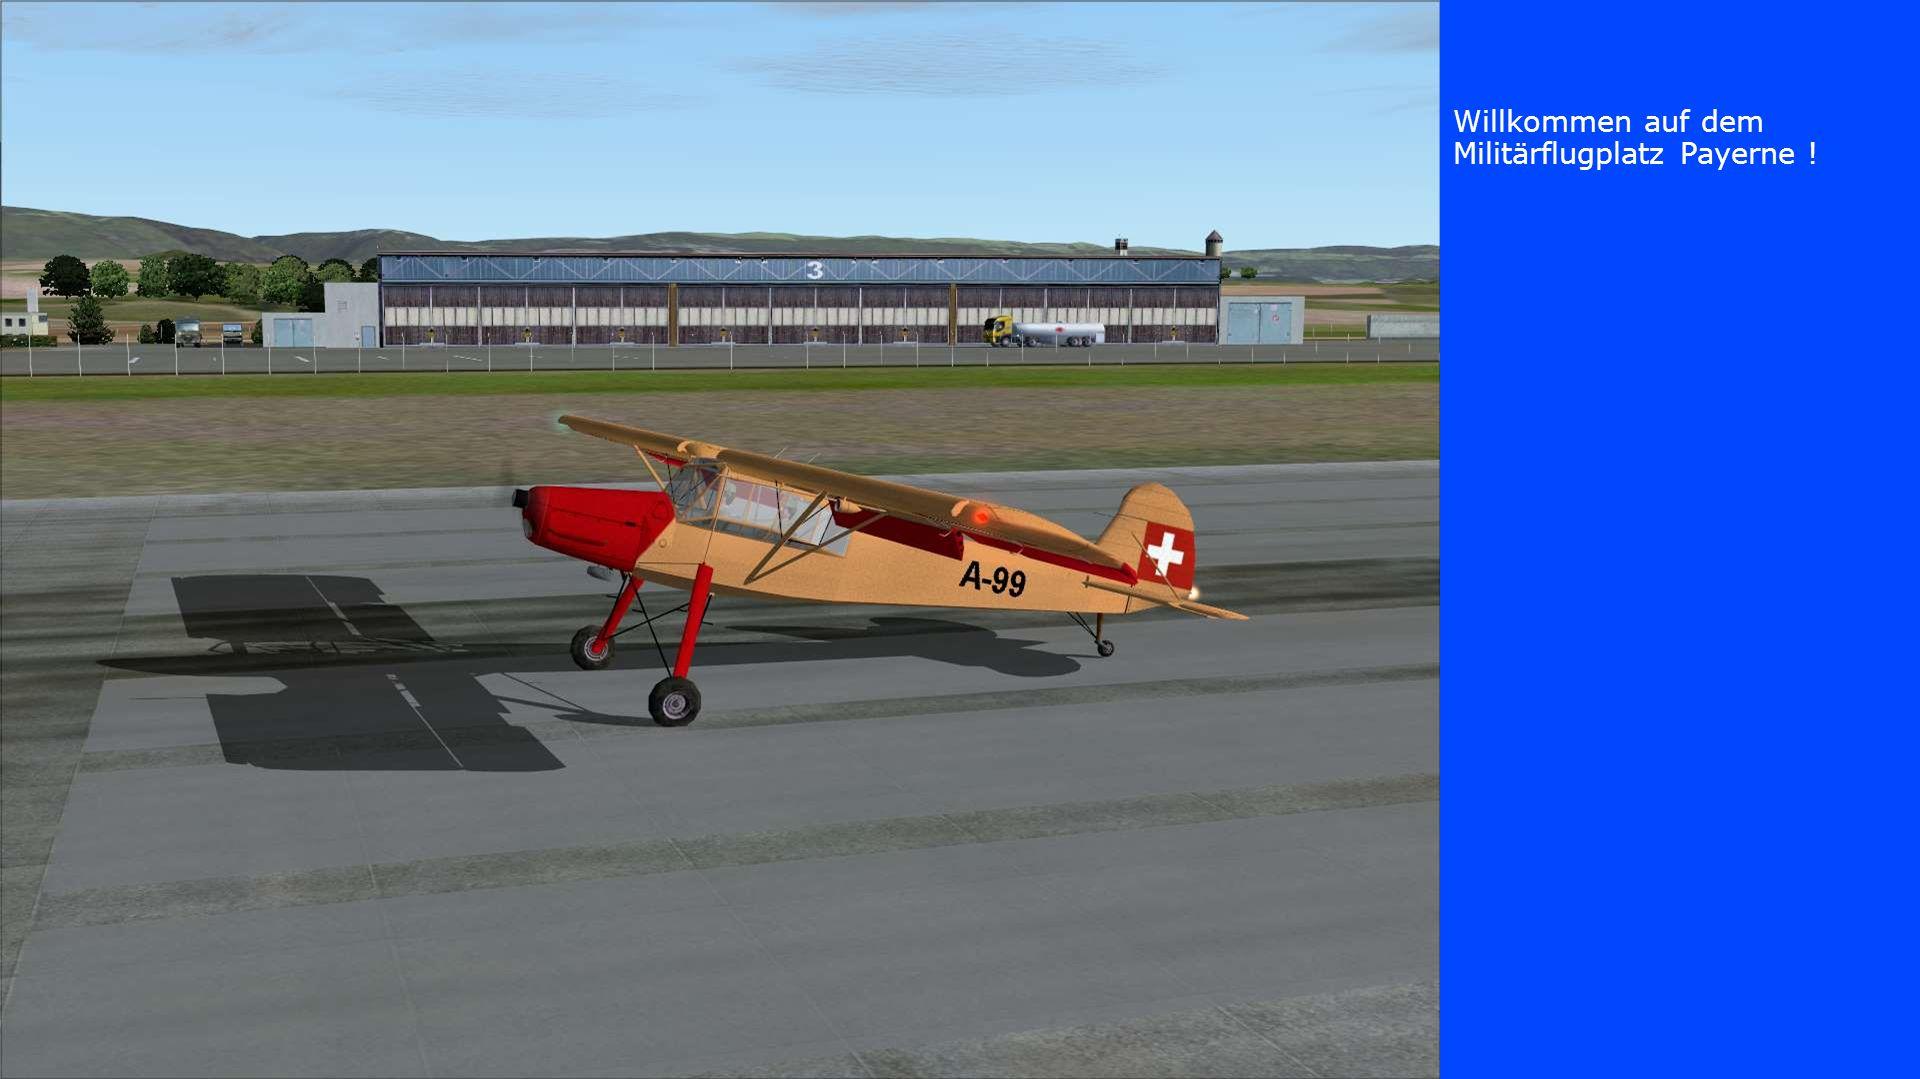 Willkommen auf dem Militärflugplatz Payerne !